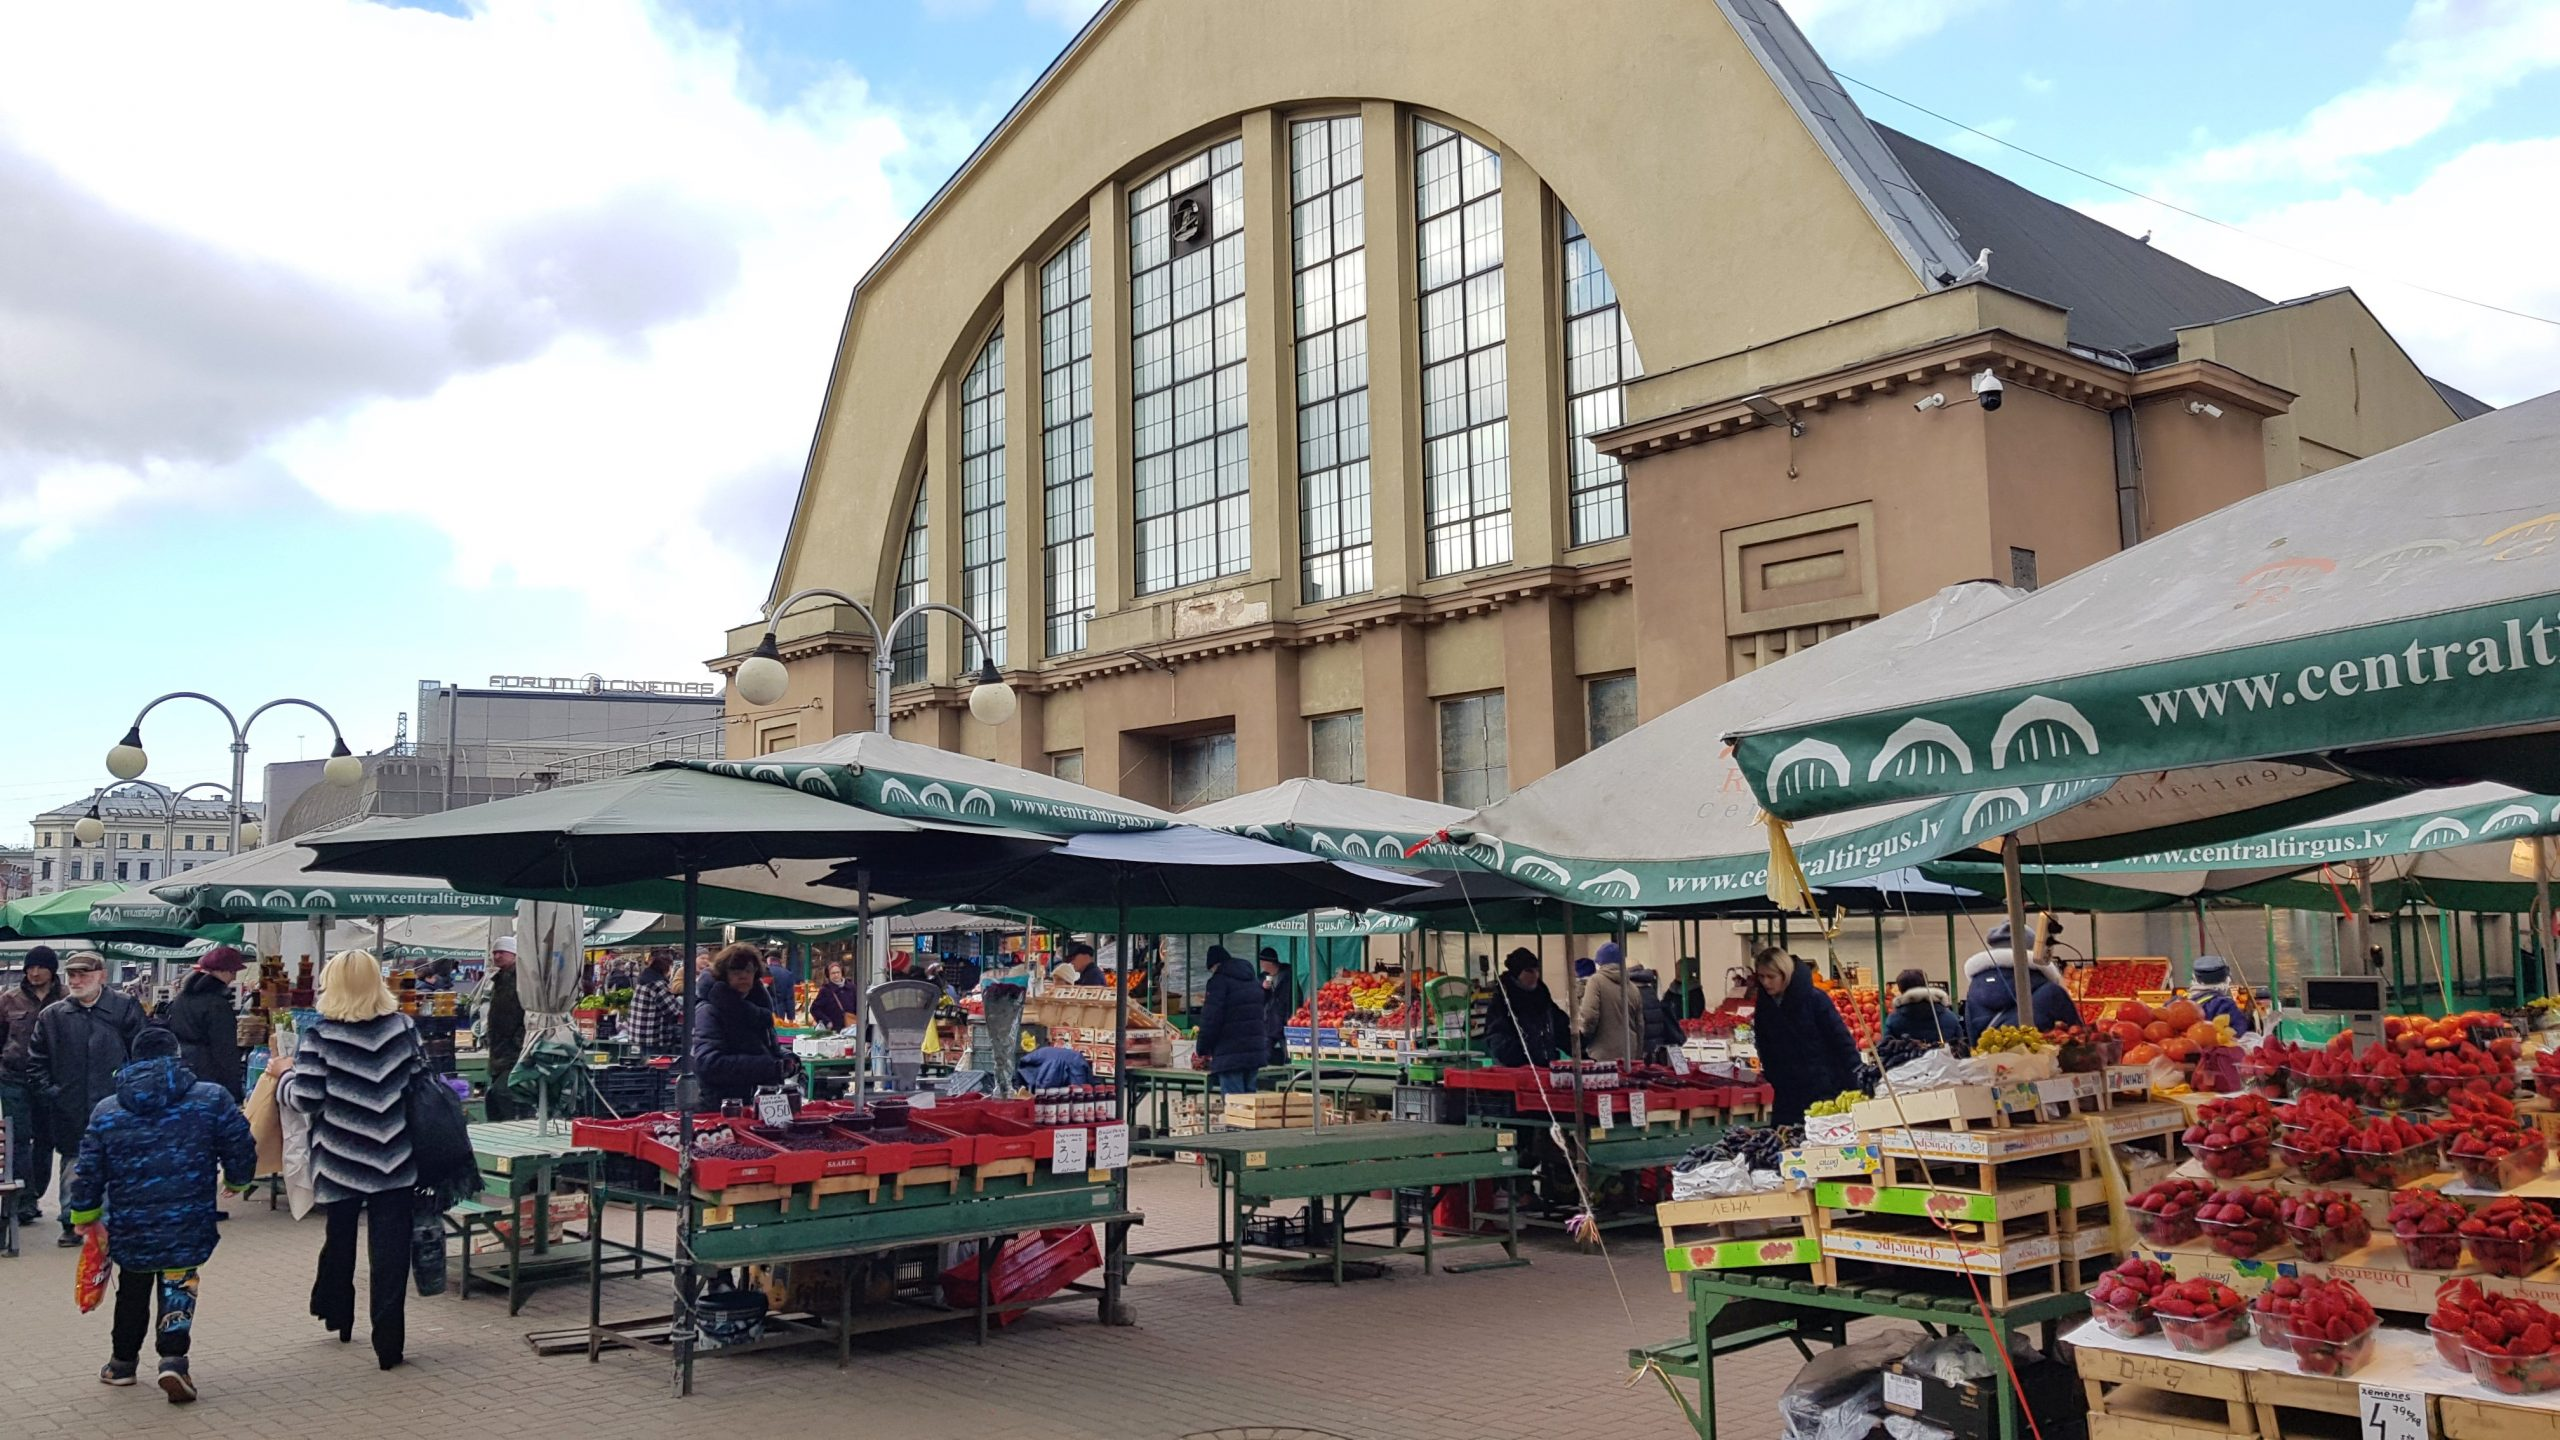 Fachada del mercado central de Riga con los puestos en el exterior